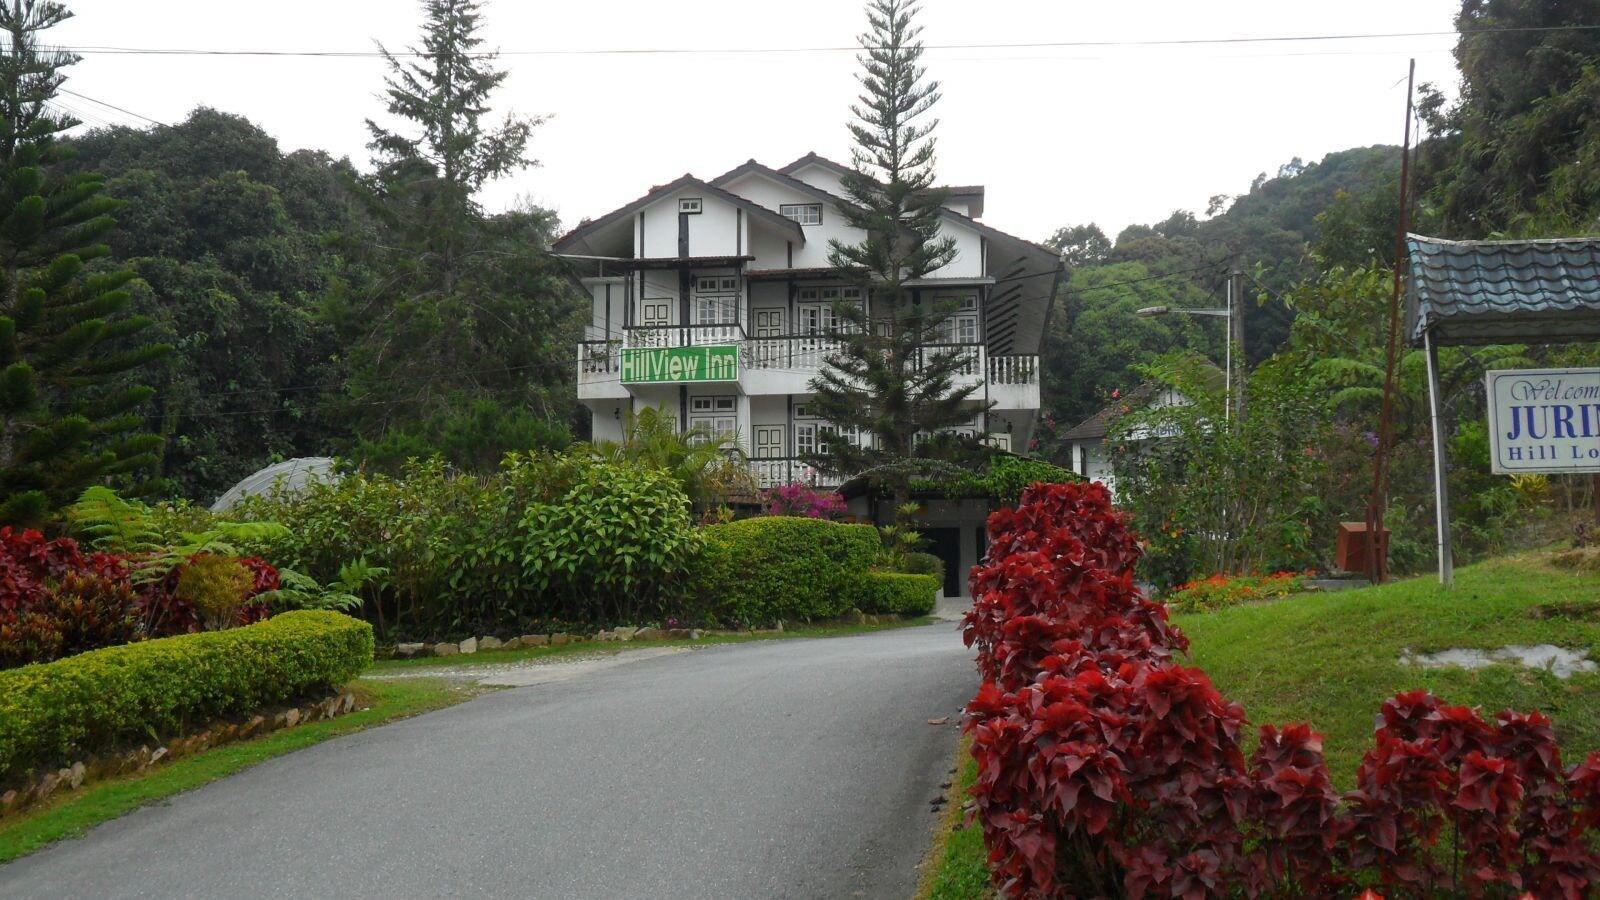 Hillview Inn, Cameron Highlands